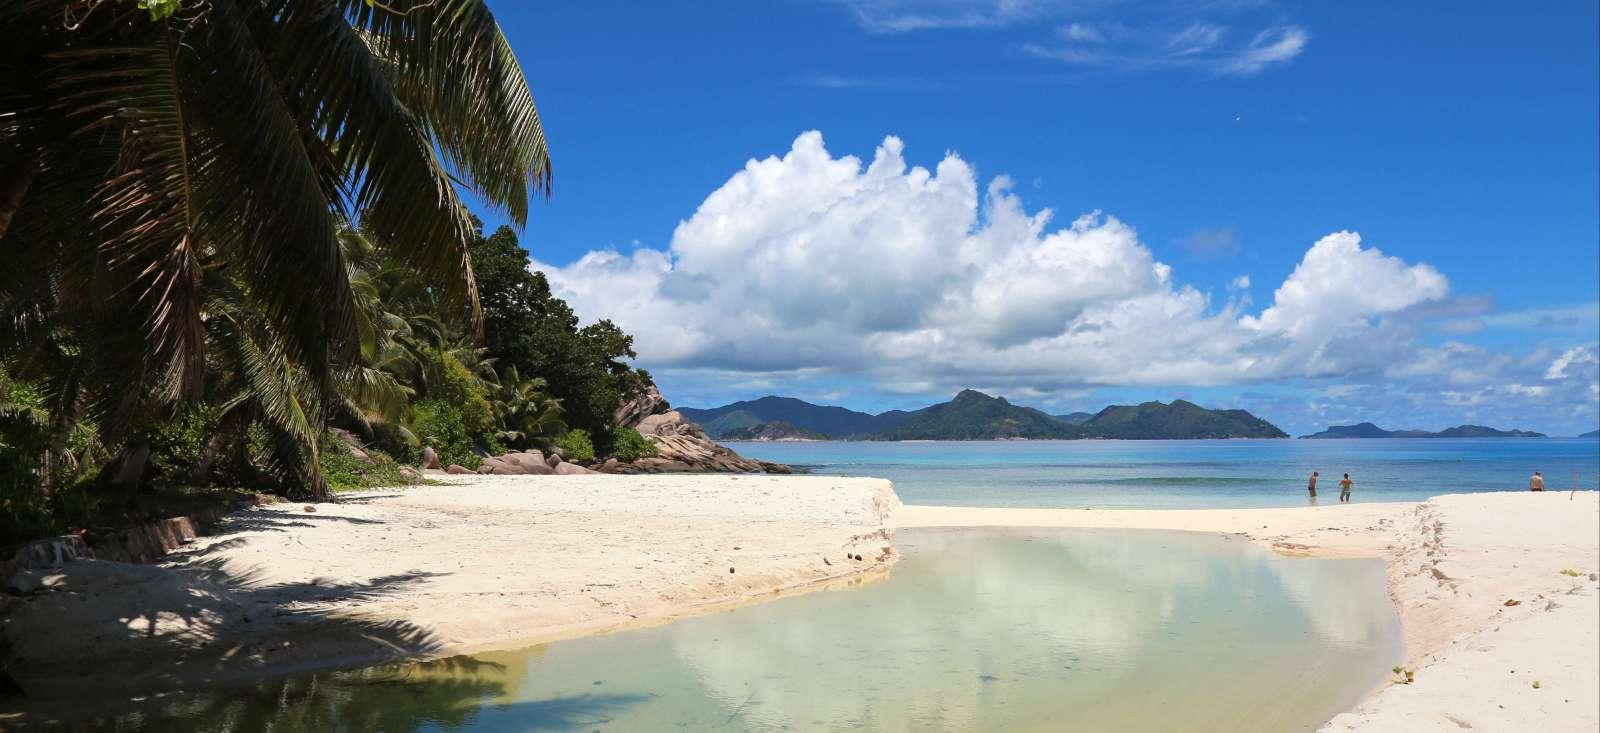 Voyage sur l'eau : Faites le plein Seychelles !